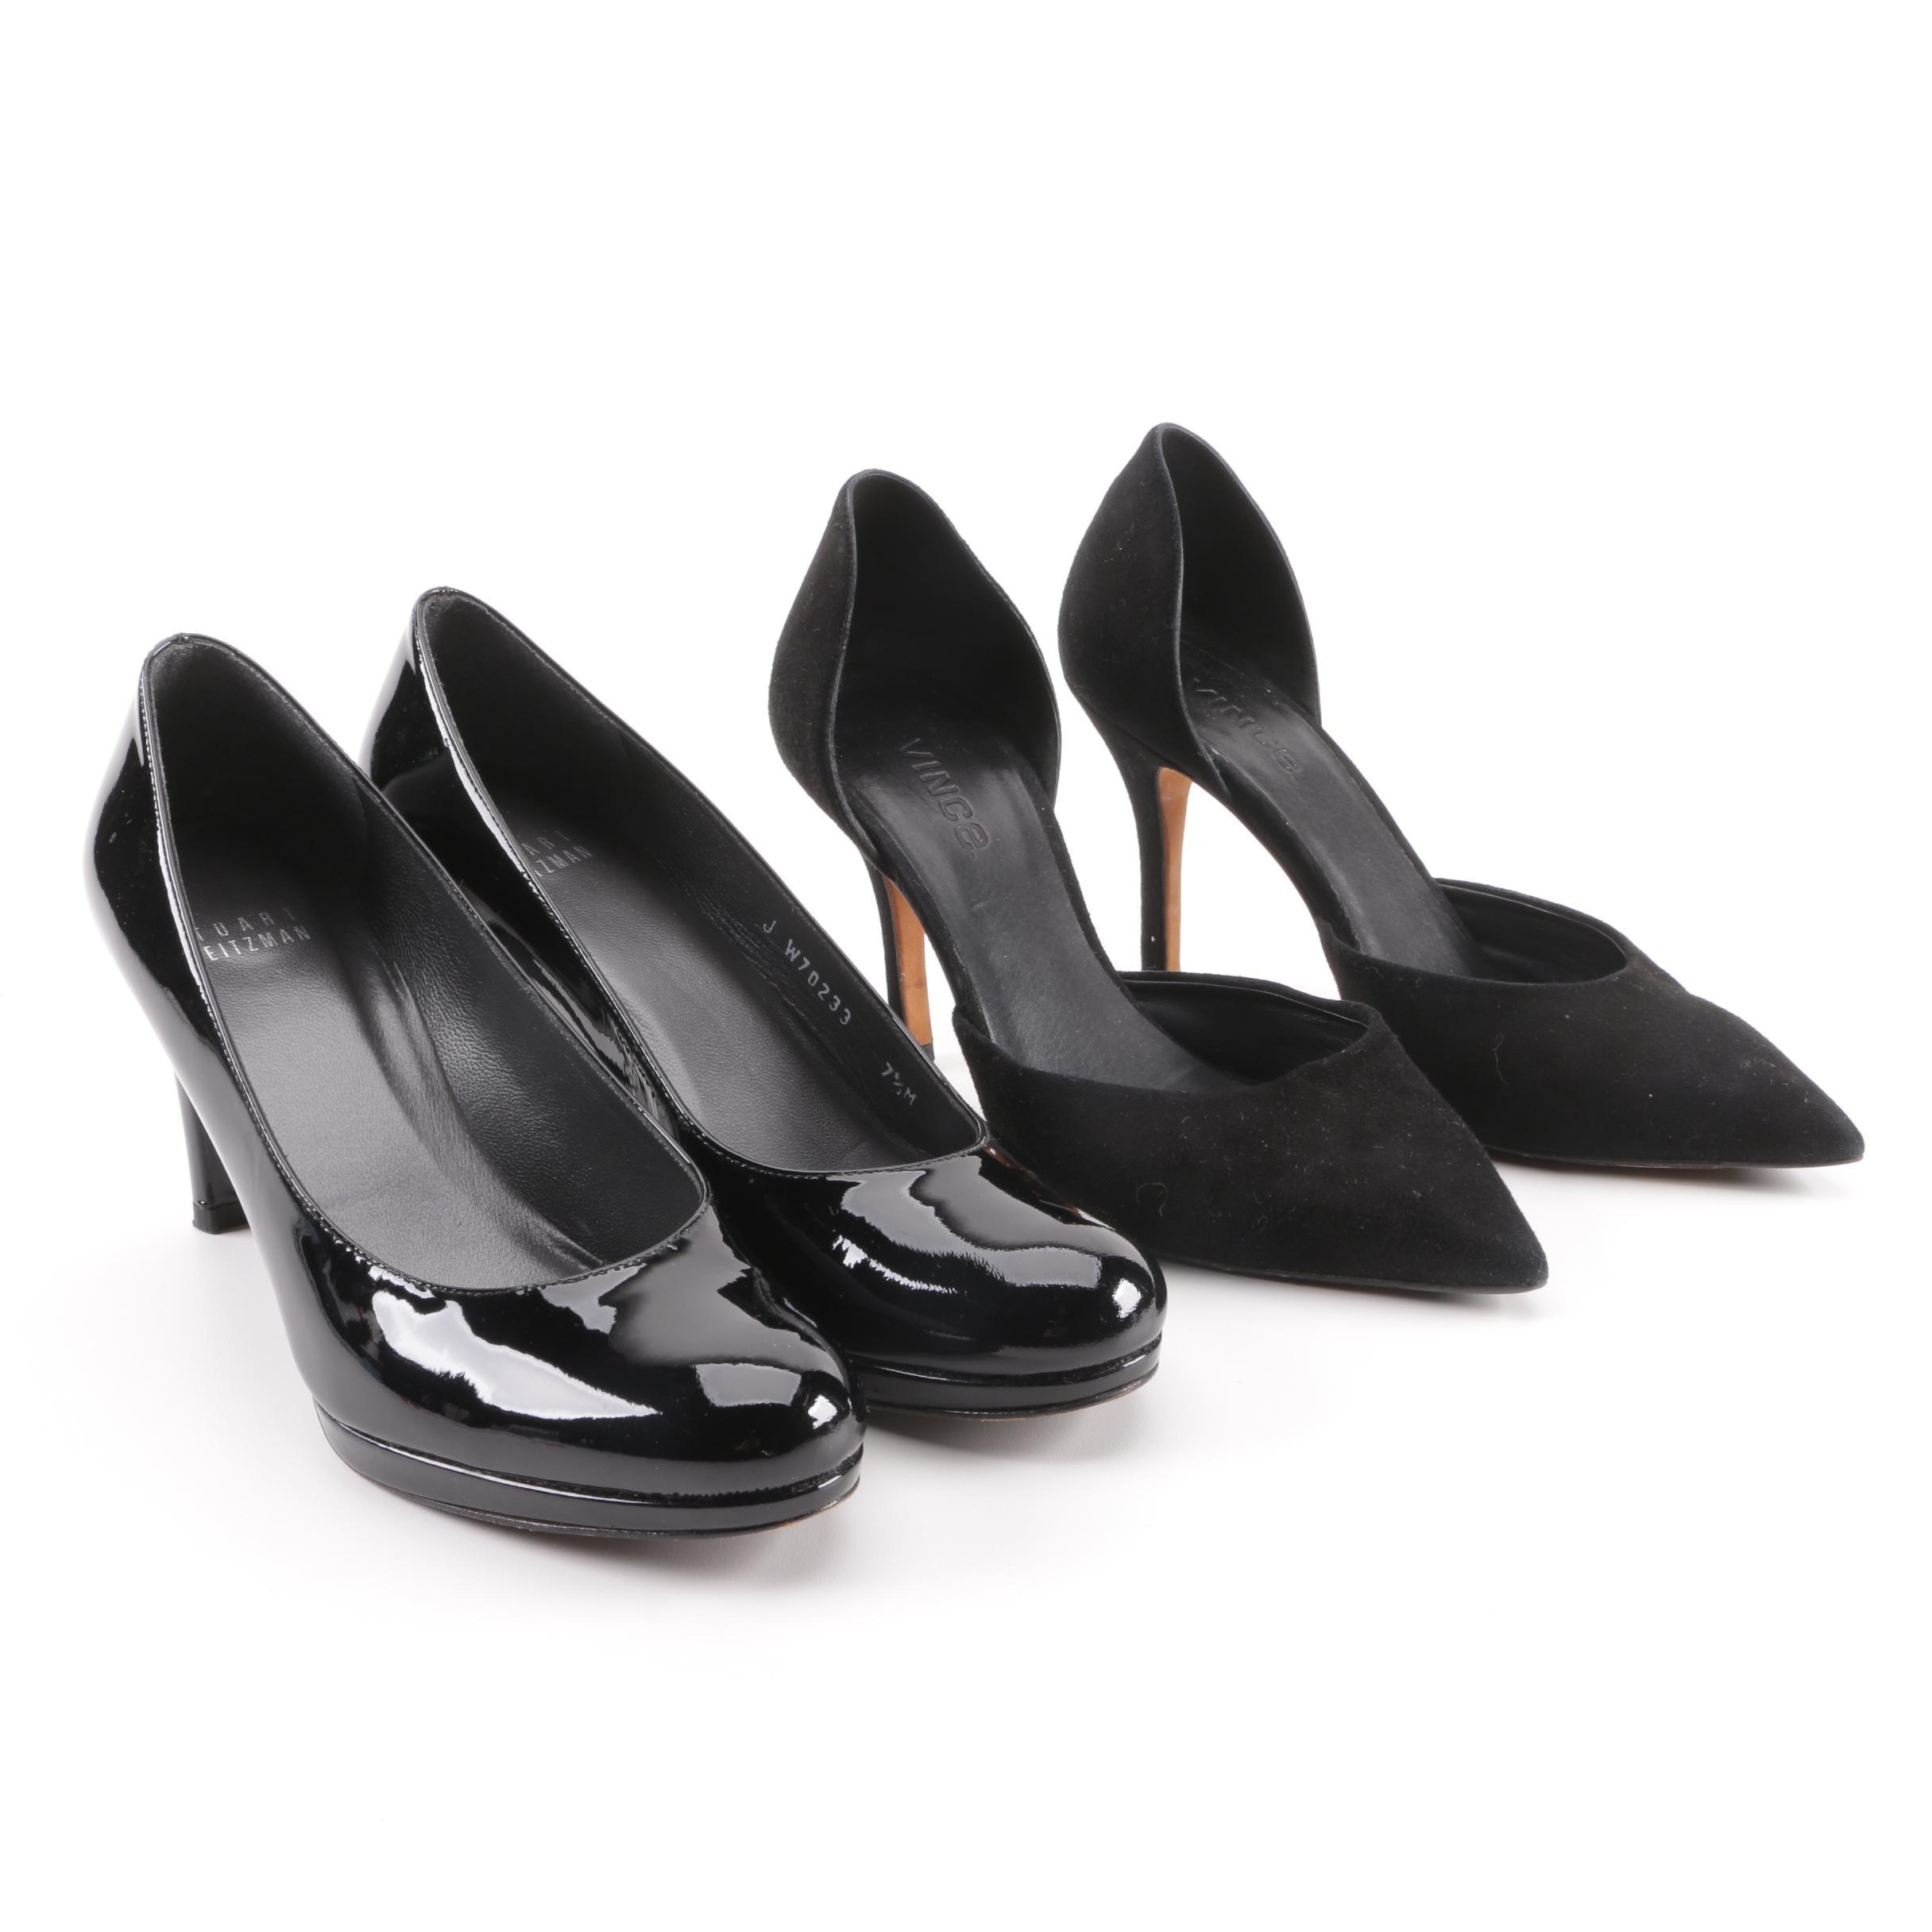 Stuart Weitzman Black Patent Leather and Vince Black Suede d'Orsay Pumps